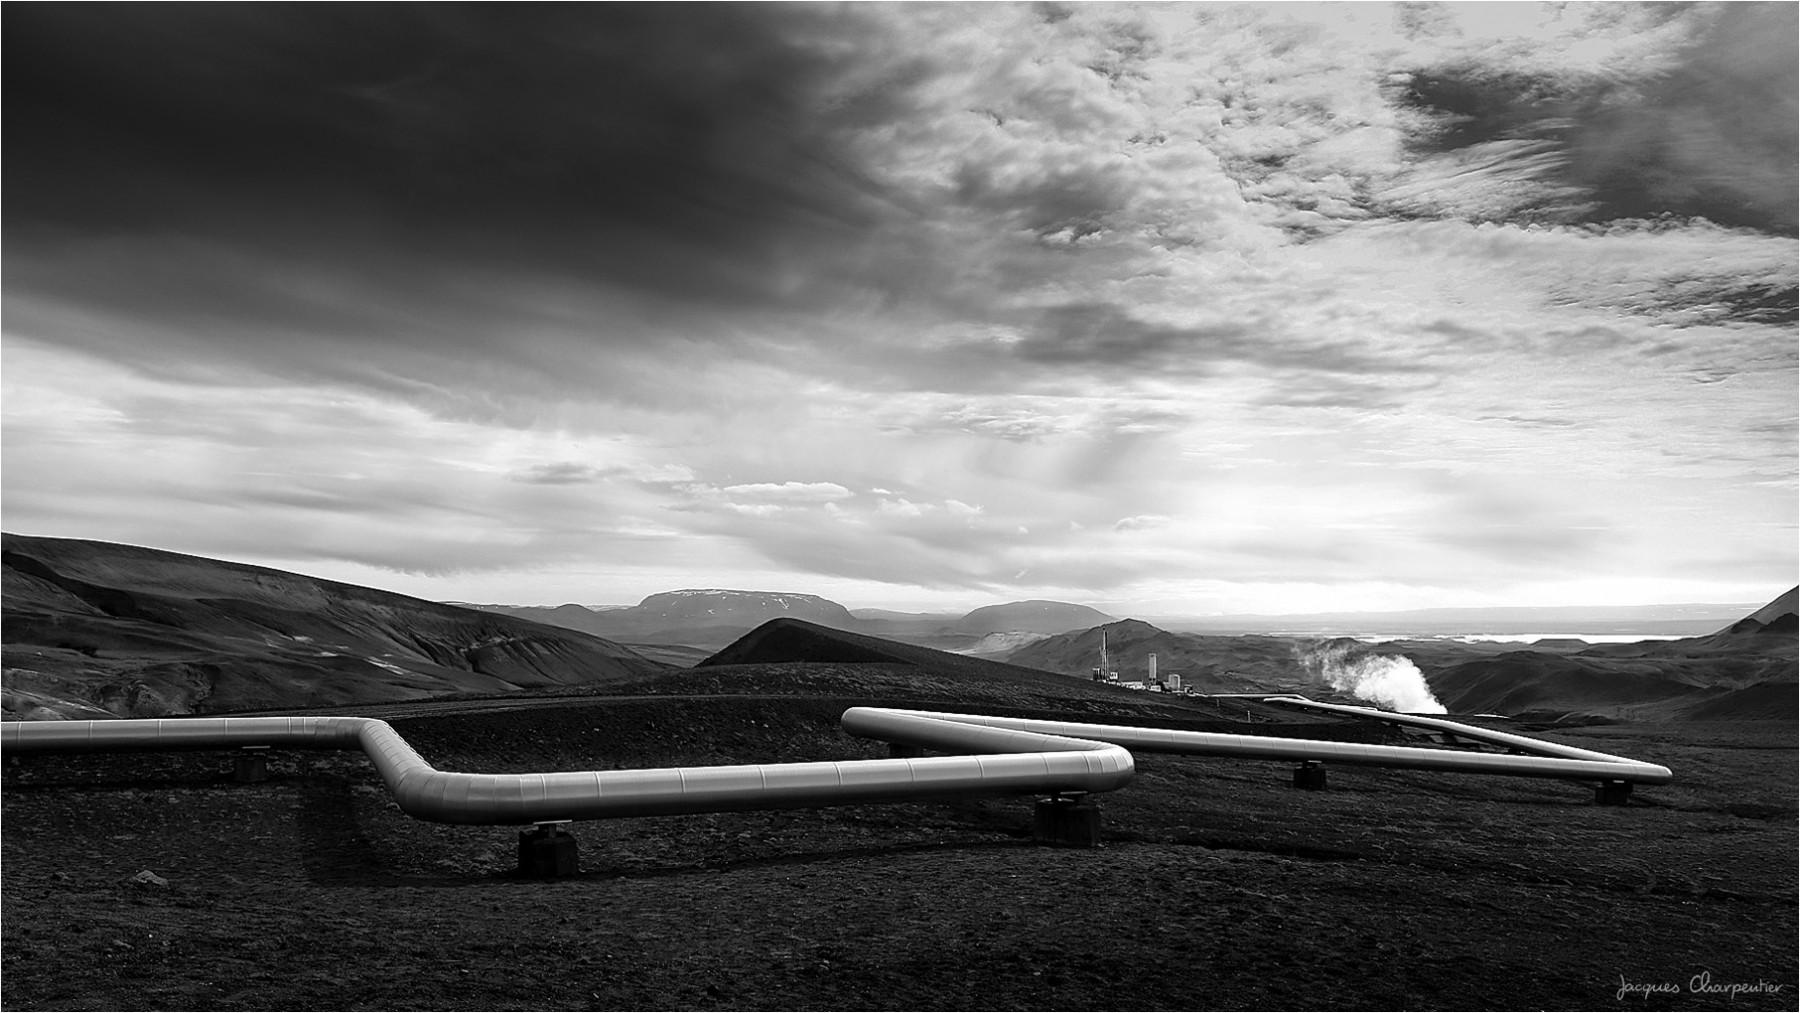 Centrale geothermique Krafla, Islande 2016 © Jacques Charpentier